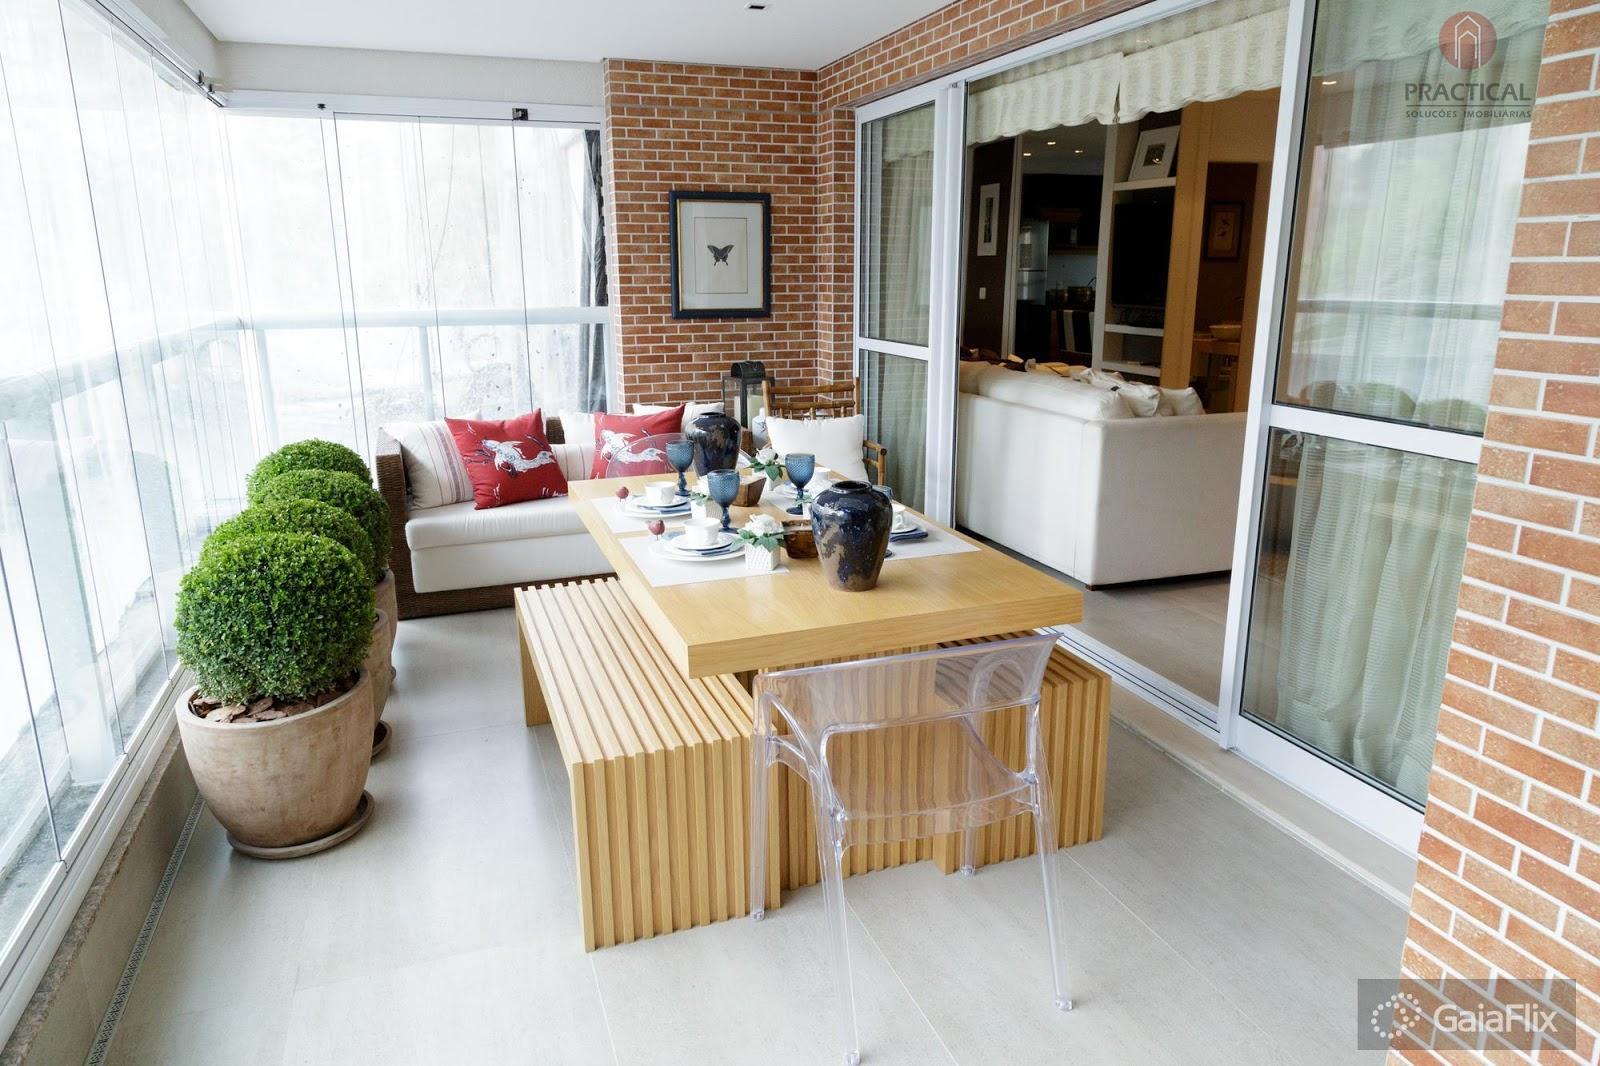 tenha a privilégio da espetacular vista desse apartamento. excelente localização.projeto arquitetônico moderno, magnífica varanda gourmet com...